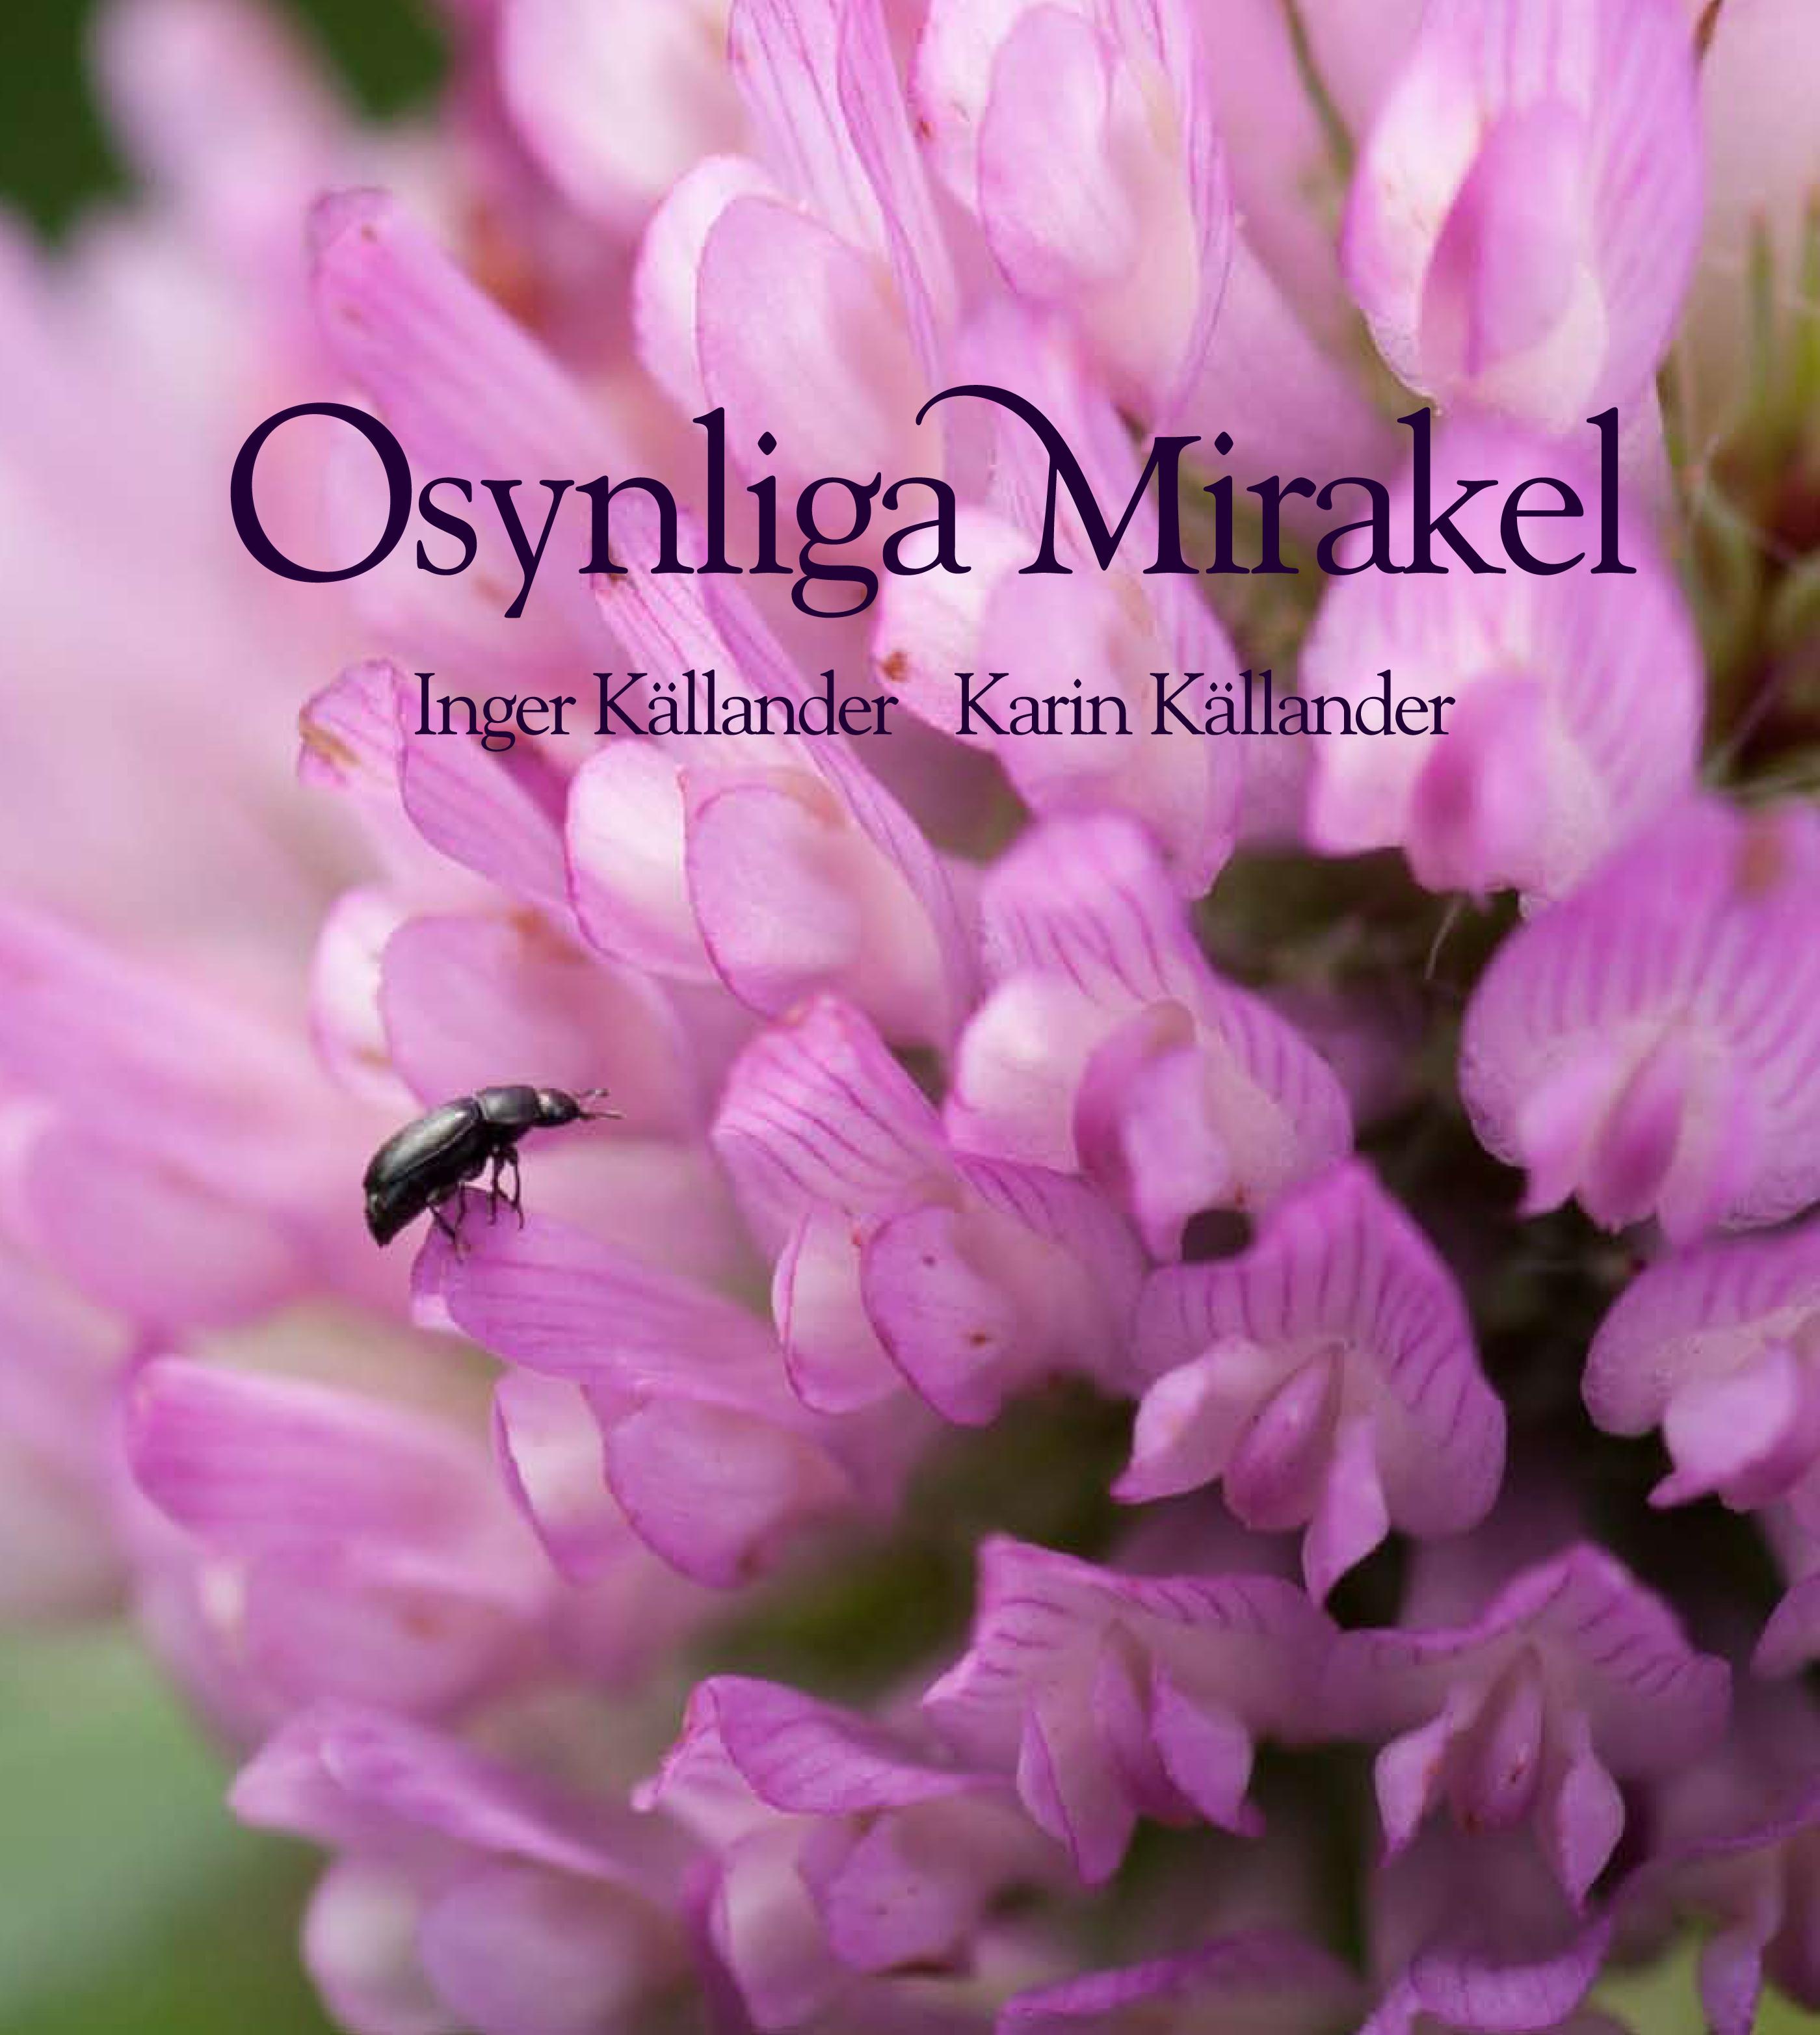 Omslagsbild av boken Osynliga Mirakel